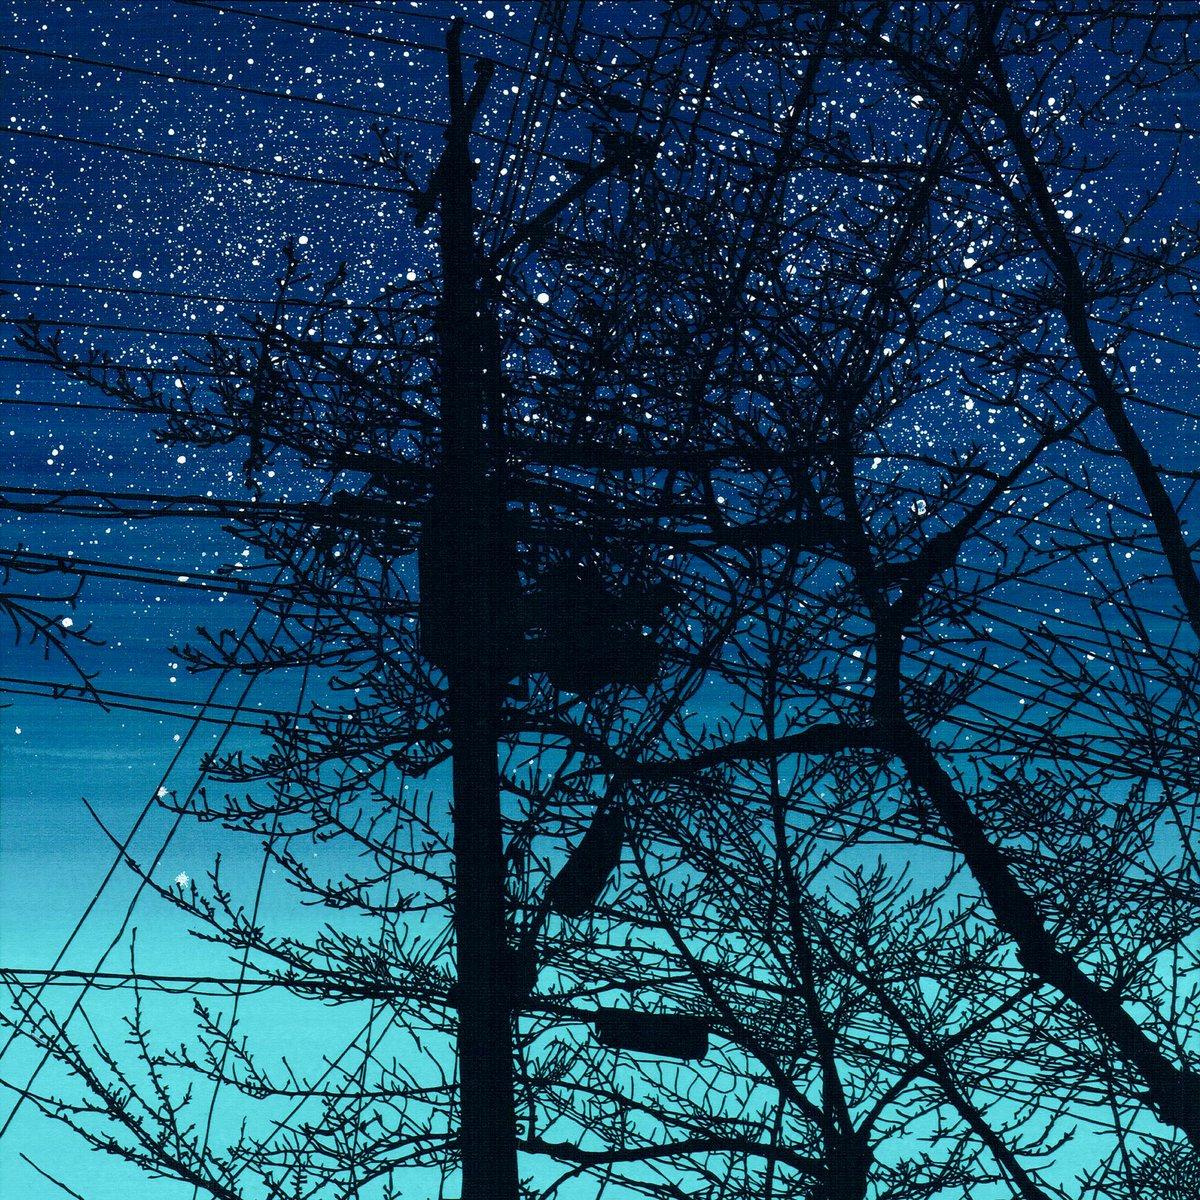 切り絵作家斉藤洋樹 個展【足跡】2.28-3.1さんの投稿画像